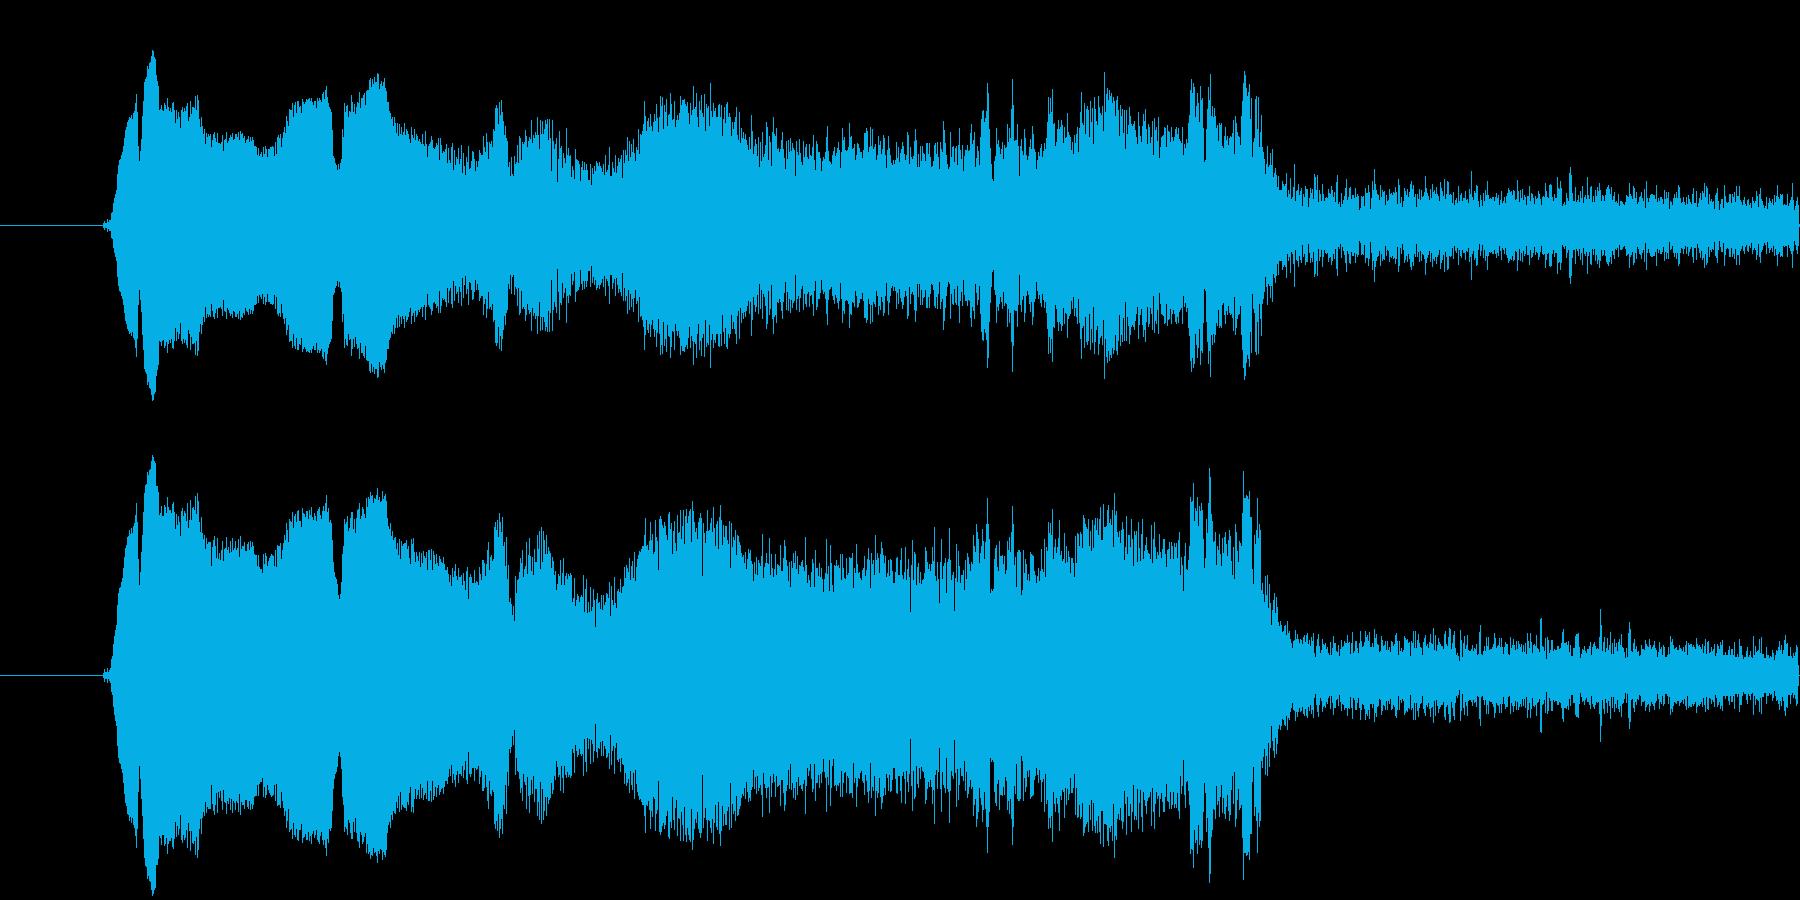 きゅいーん。きゅいん。という感じのイル…の再生済みの波形